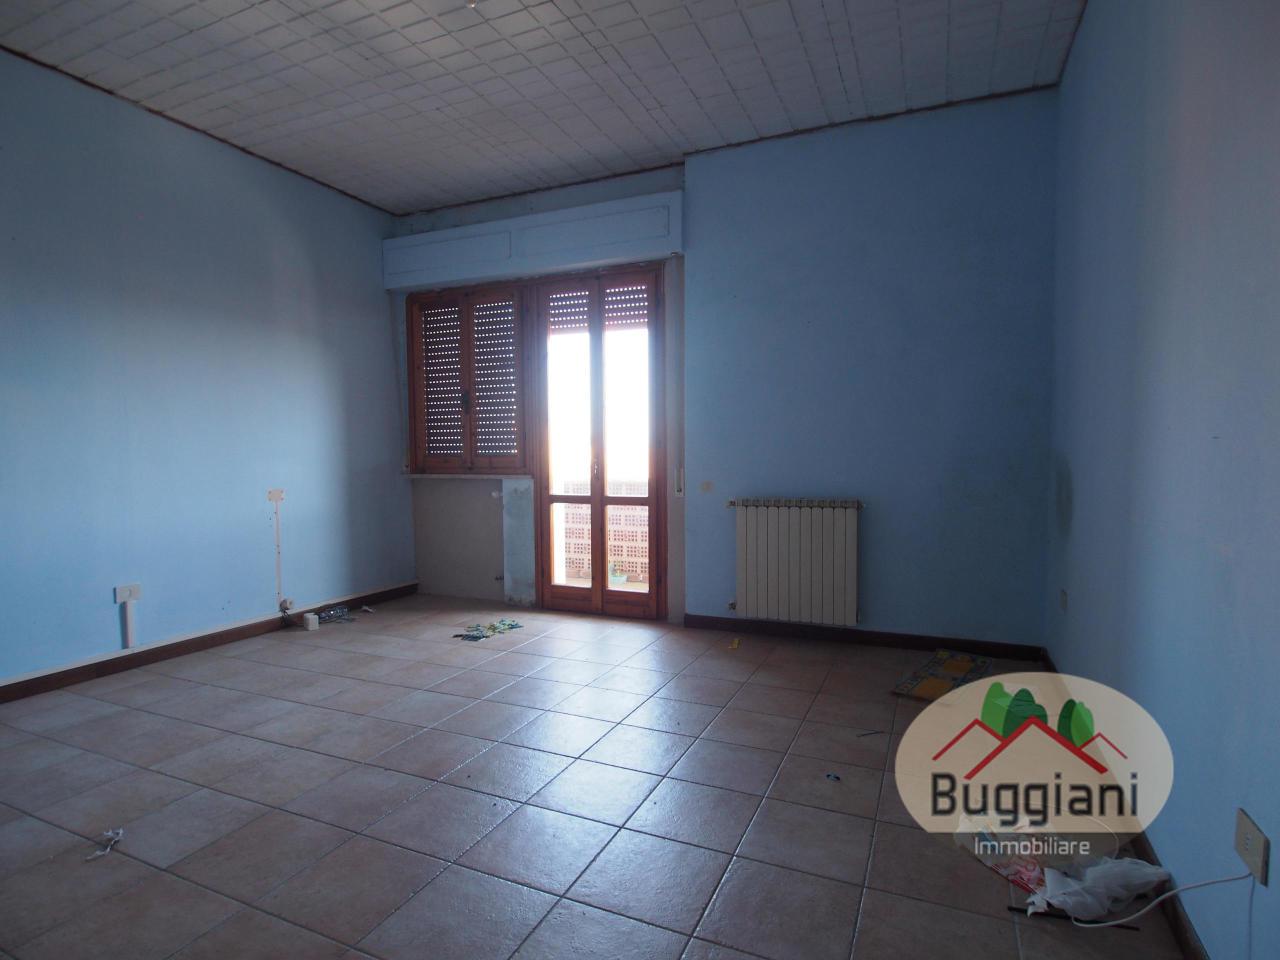 Terratetto in vendita RIF. 2432, Montopoli in Val d'Arno (PI)